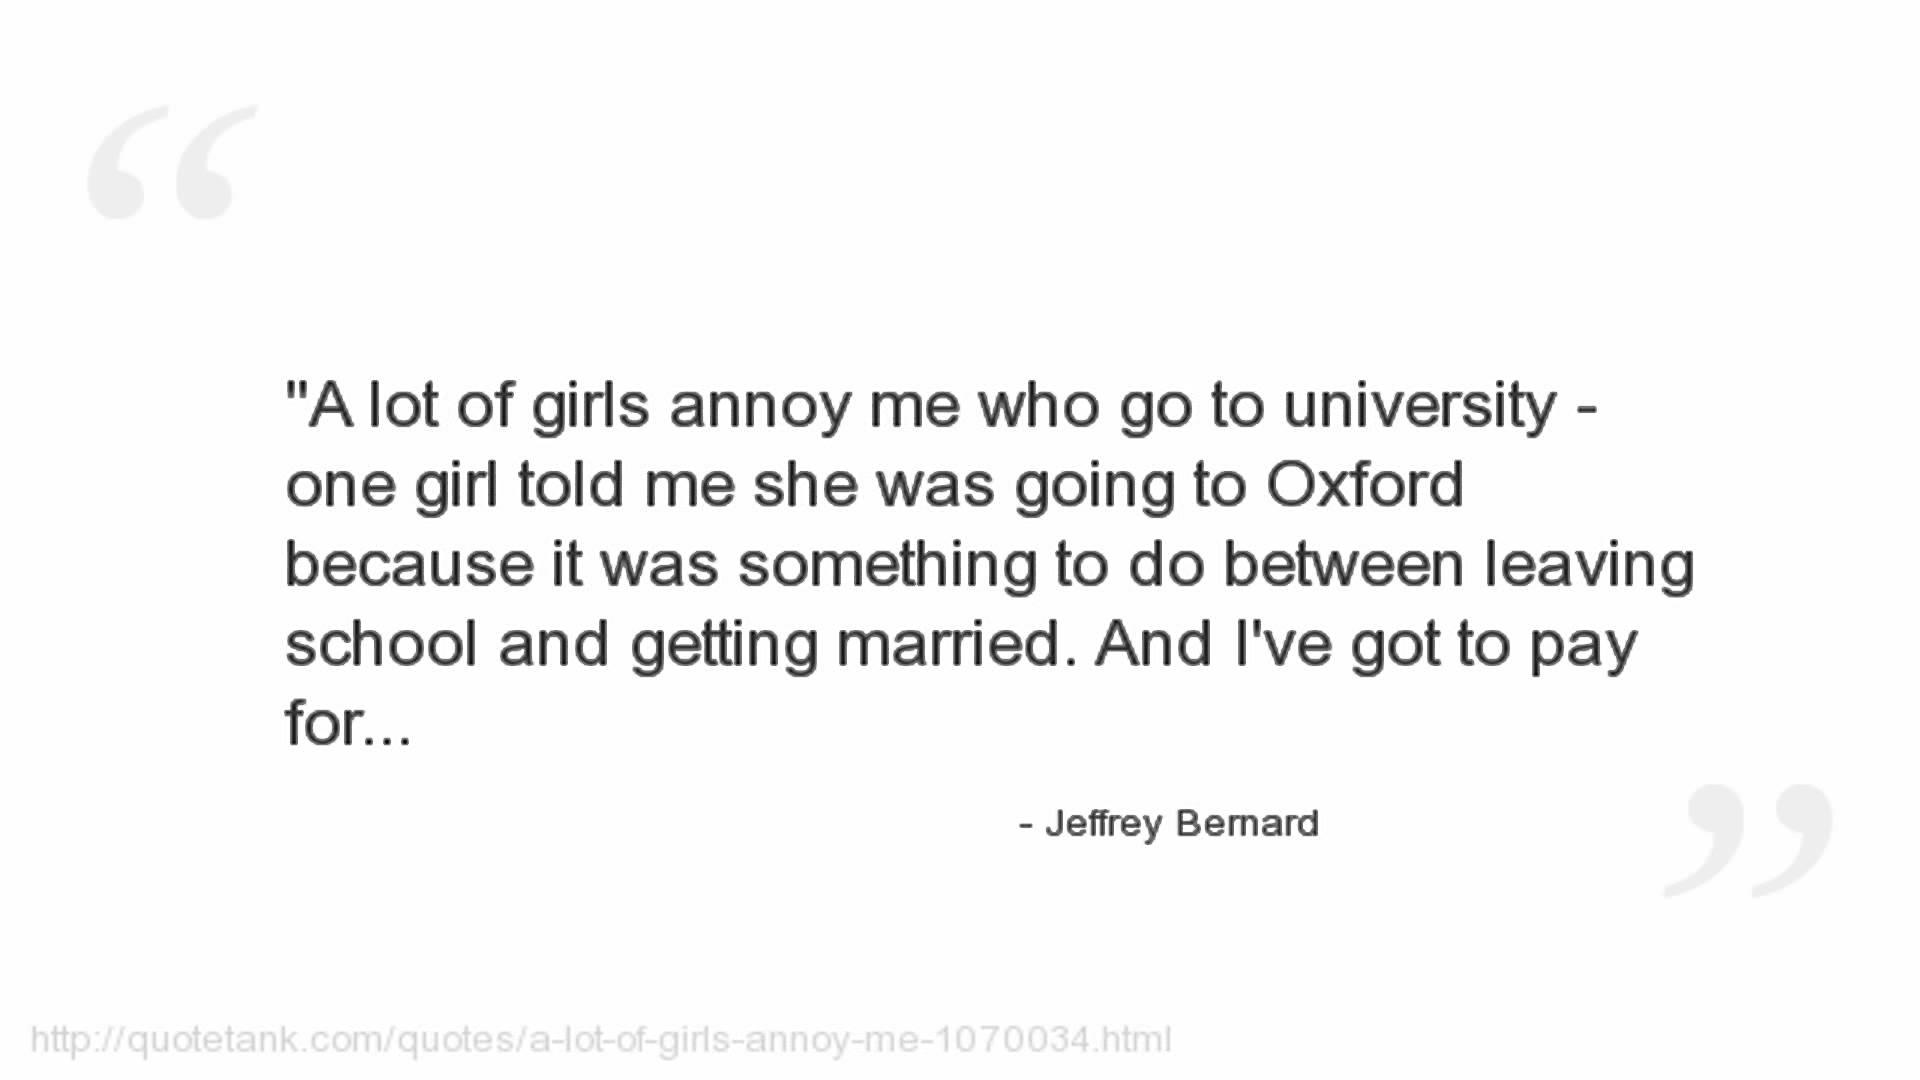 Jeffrey Bernard's quote #7